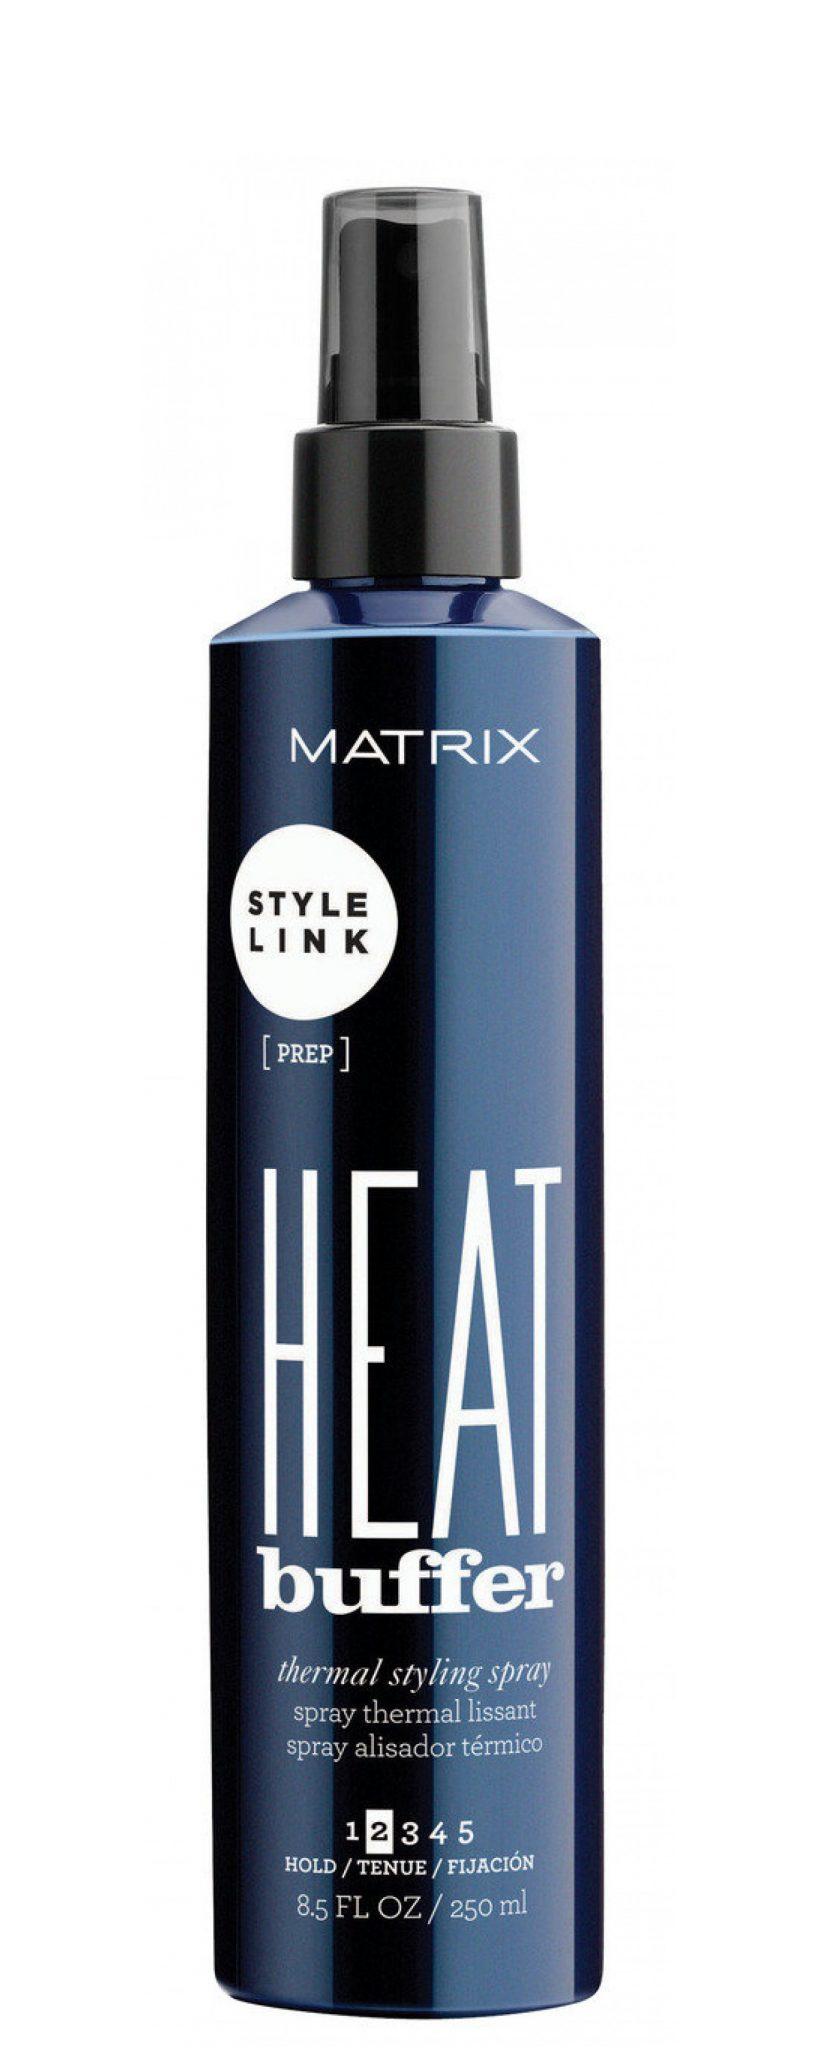 Nuo karščio apsaugantis purškiklis Matrix Style Link Heat Buffer (2) 250ml-0